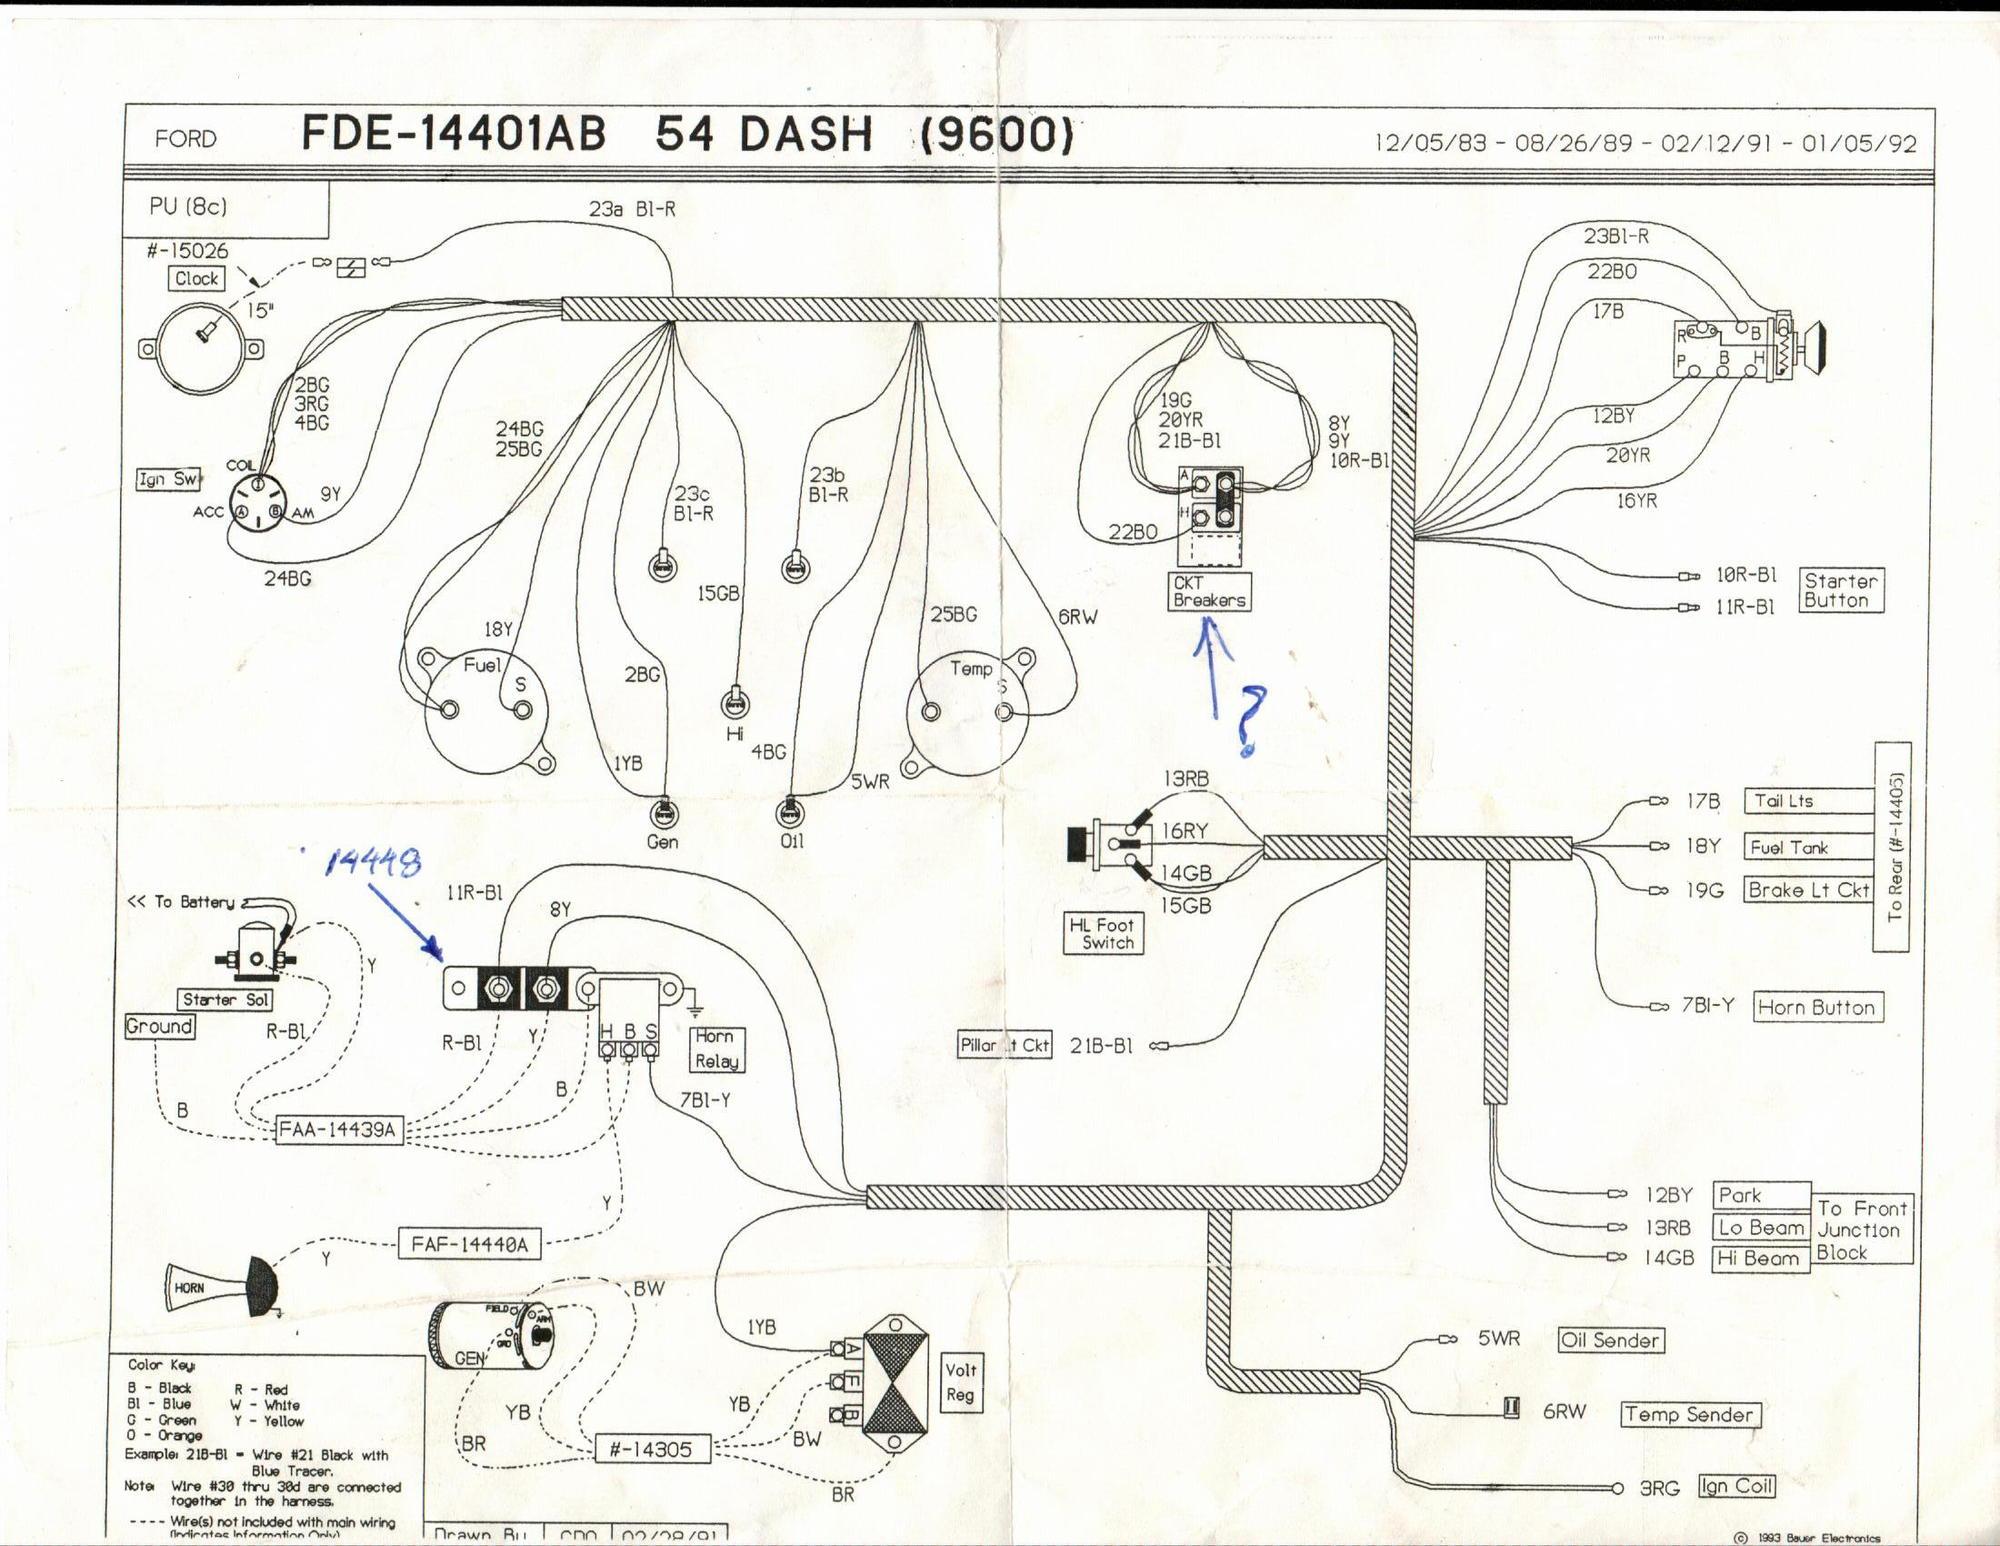 U0026 39 54 Electric - 2 Questions